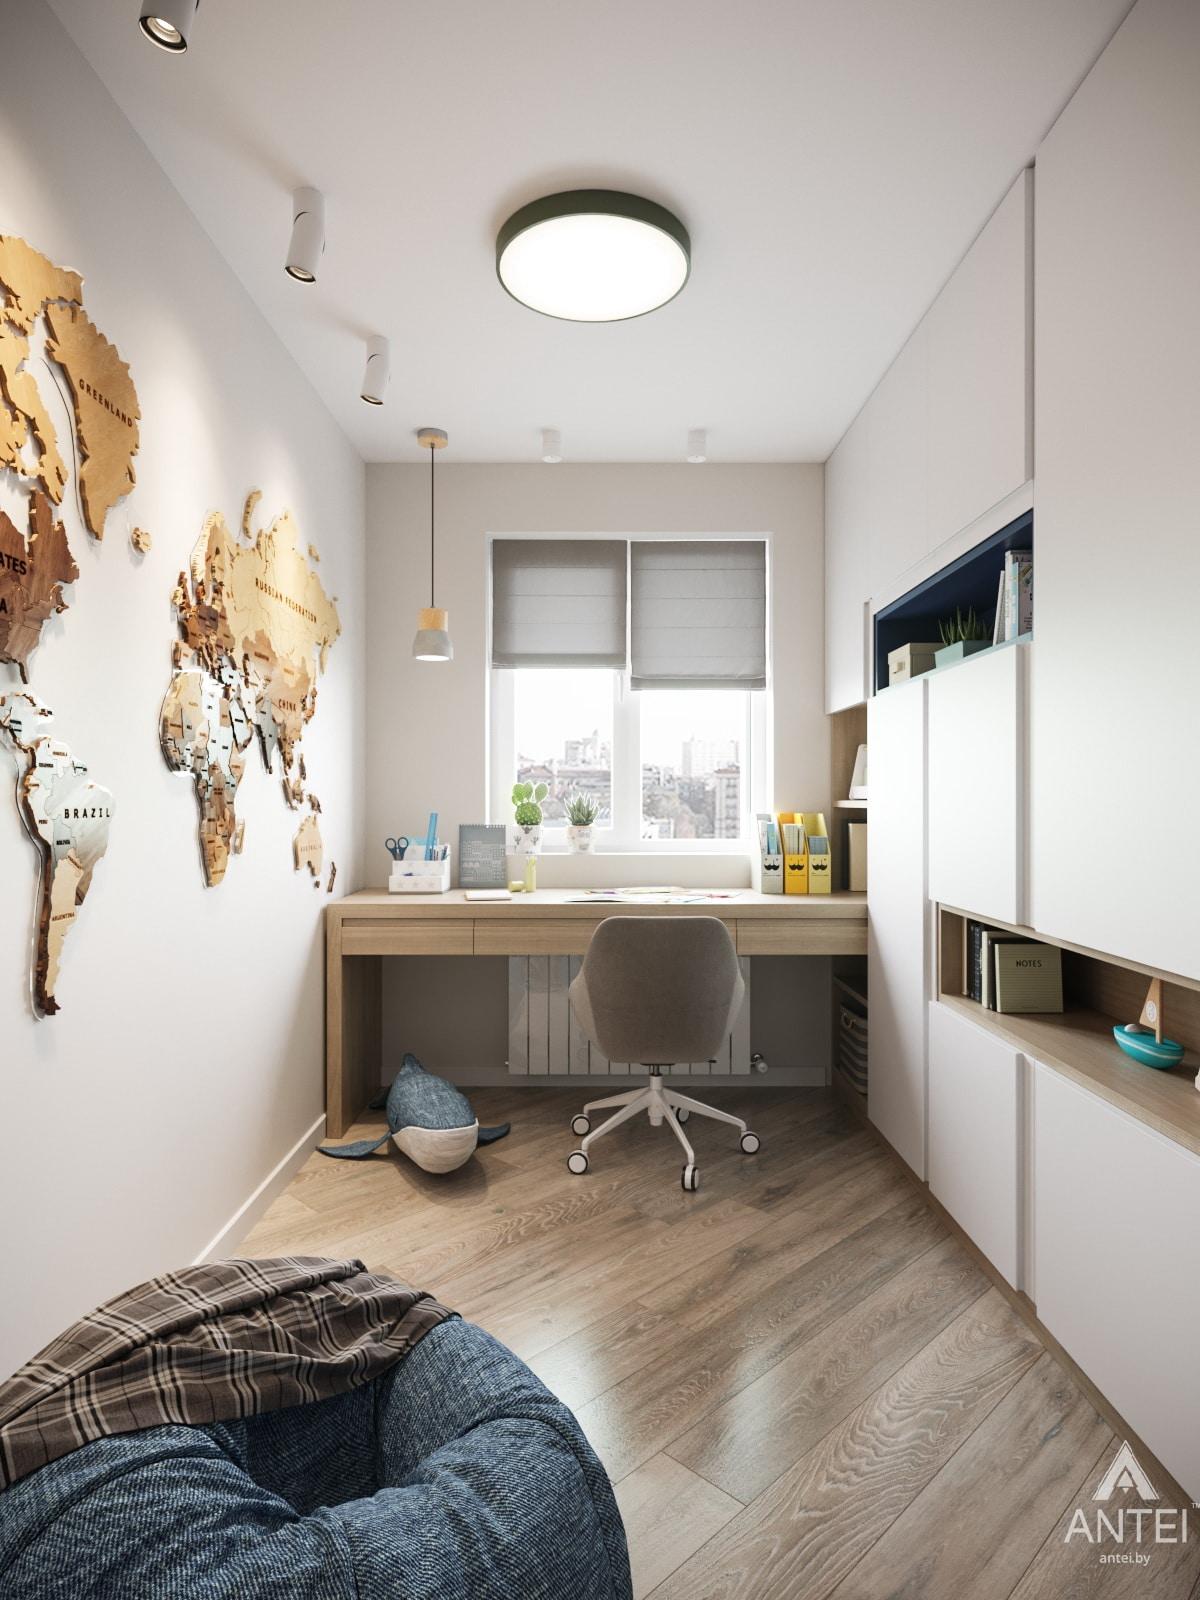 Дизайн интерьера трехкомнатной квартиры в Гомеле, ул. Бородина Т.С. - детская комната фото №4